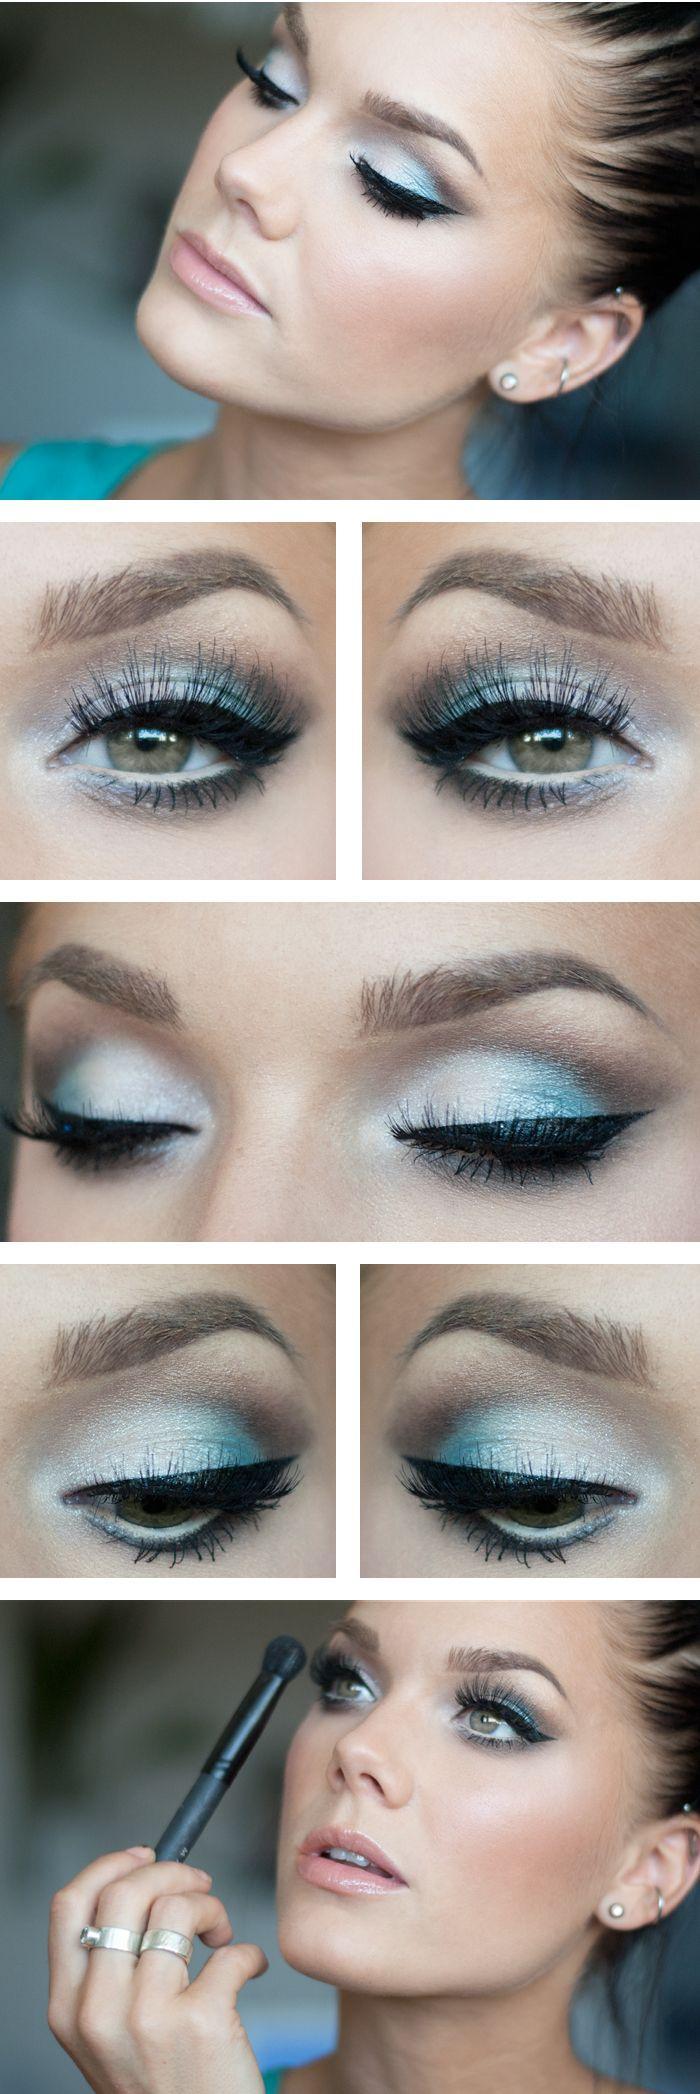 Свадьба - Зимние Ледяные Голубые Глаза